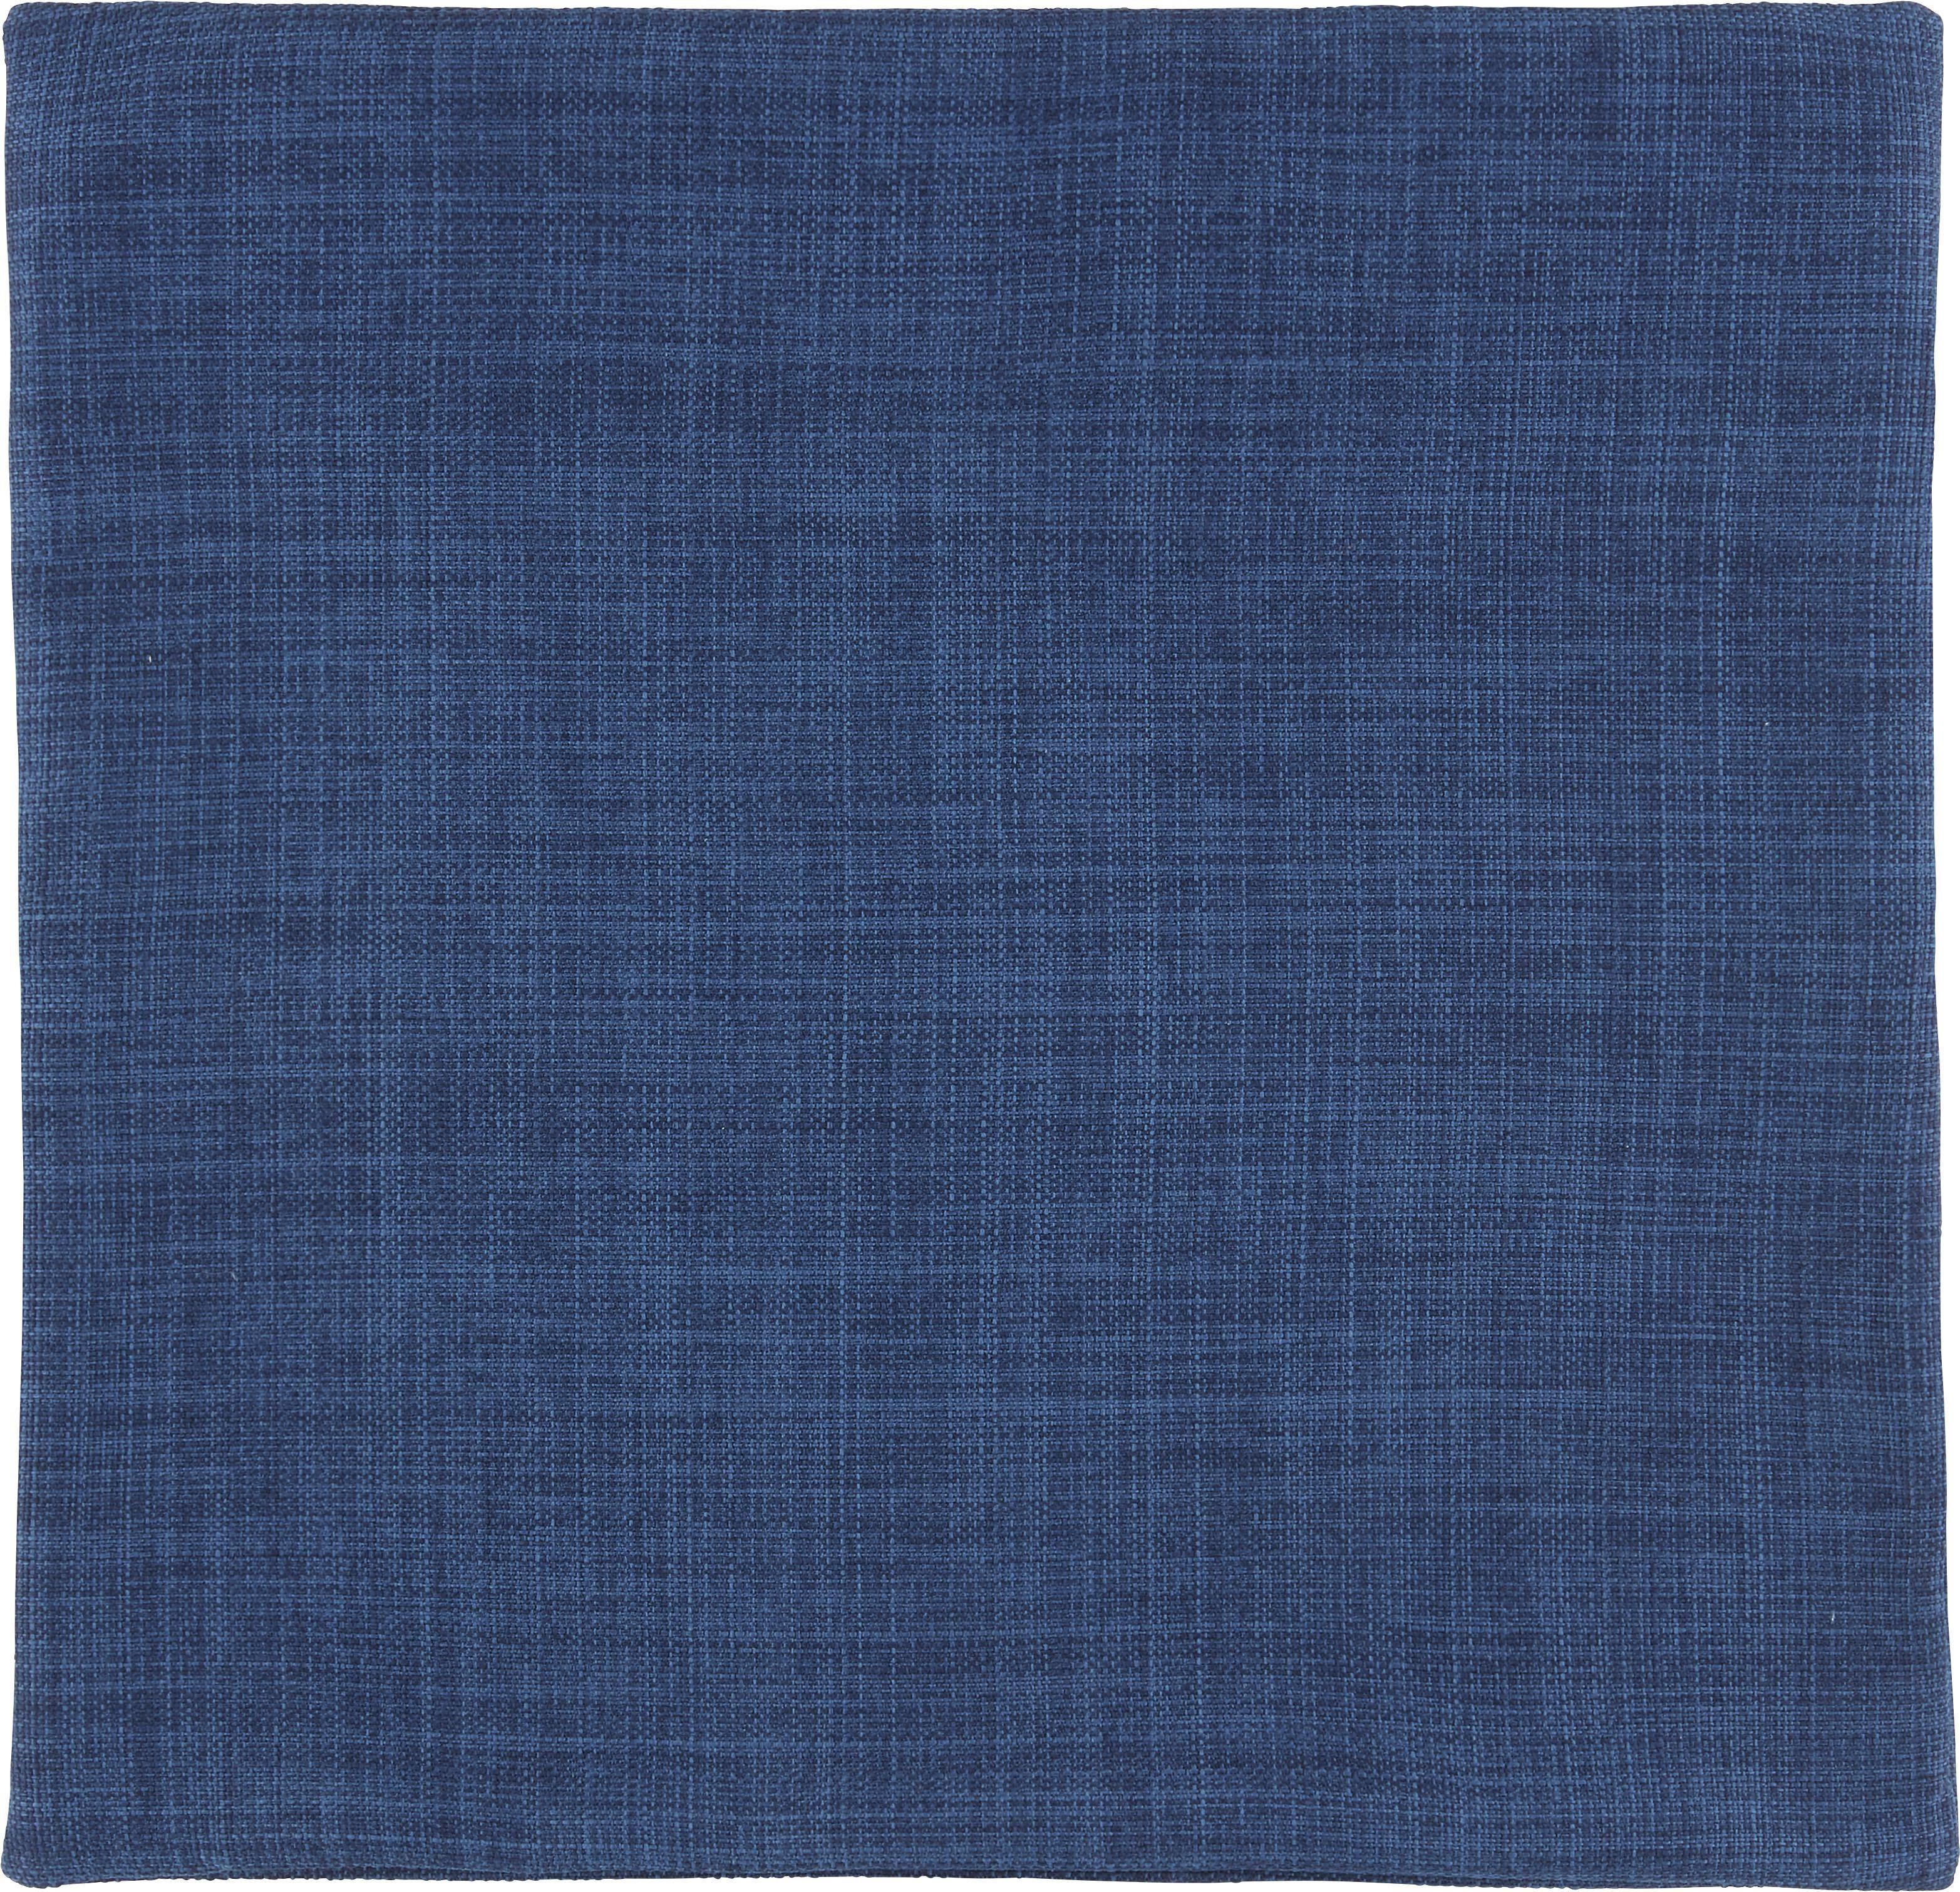 Povlak Na Polštář Leinenoptik - tmavě modrá, textil (40/40cm) - MÖMAX modern living